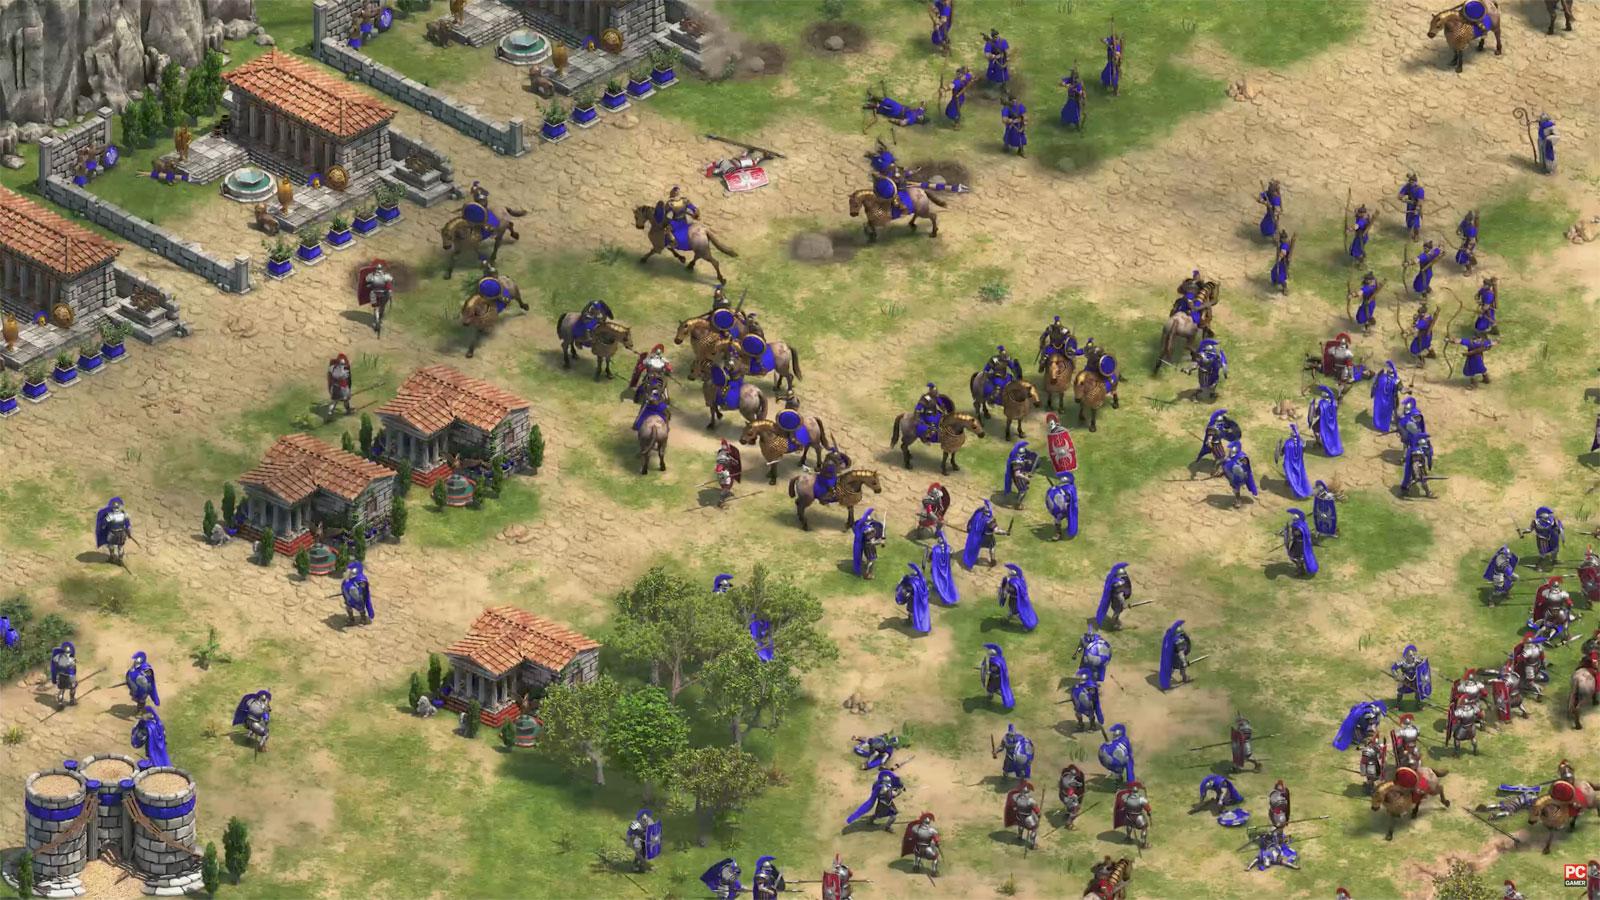 El mítico Age of Empires también dará el salto al 4K con 'Definitive edition'